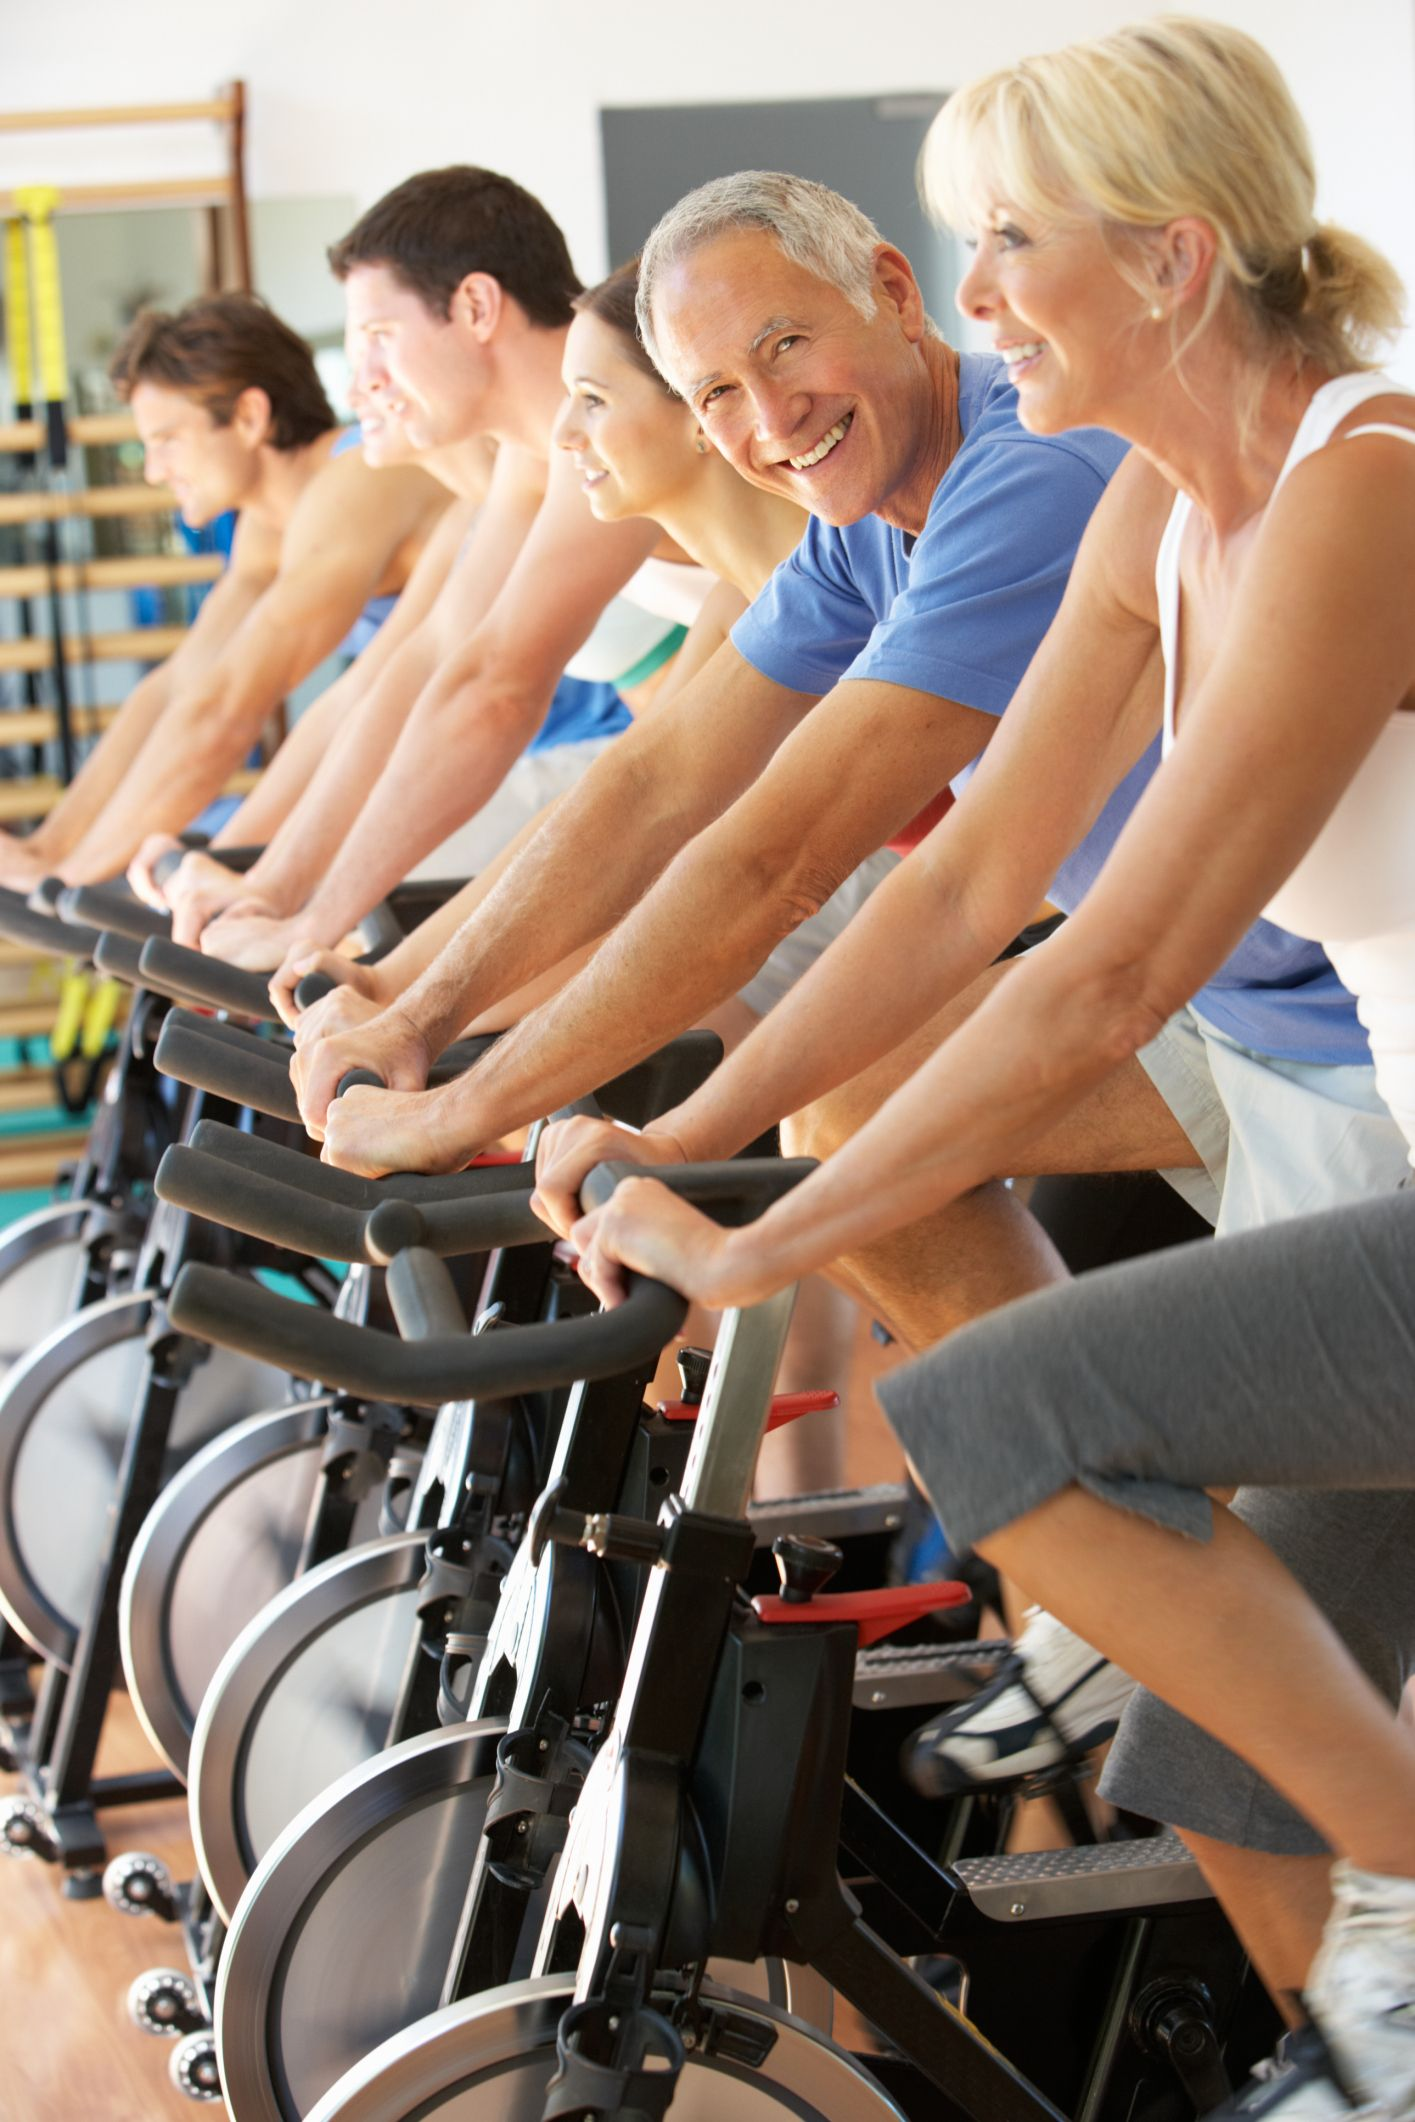 Exercycling